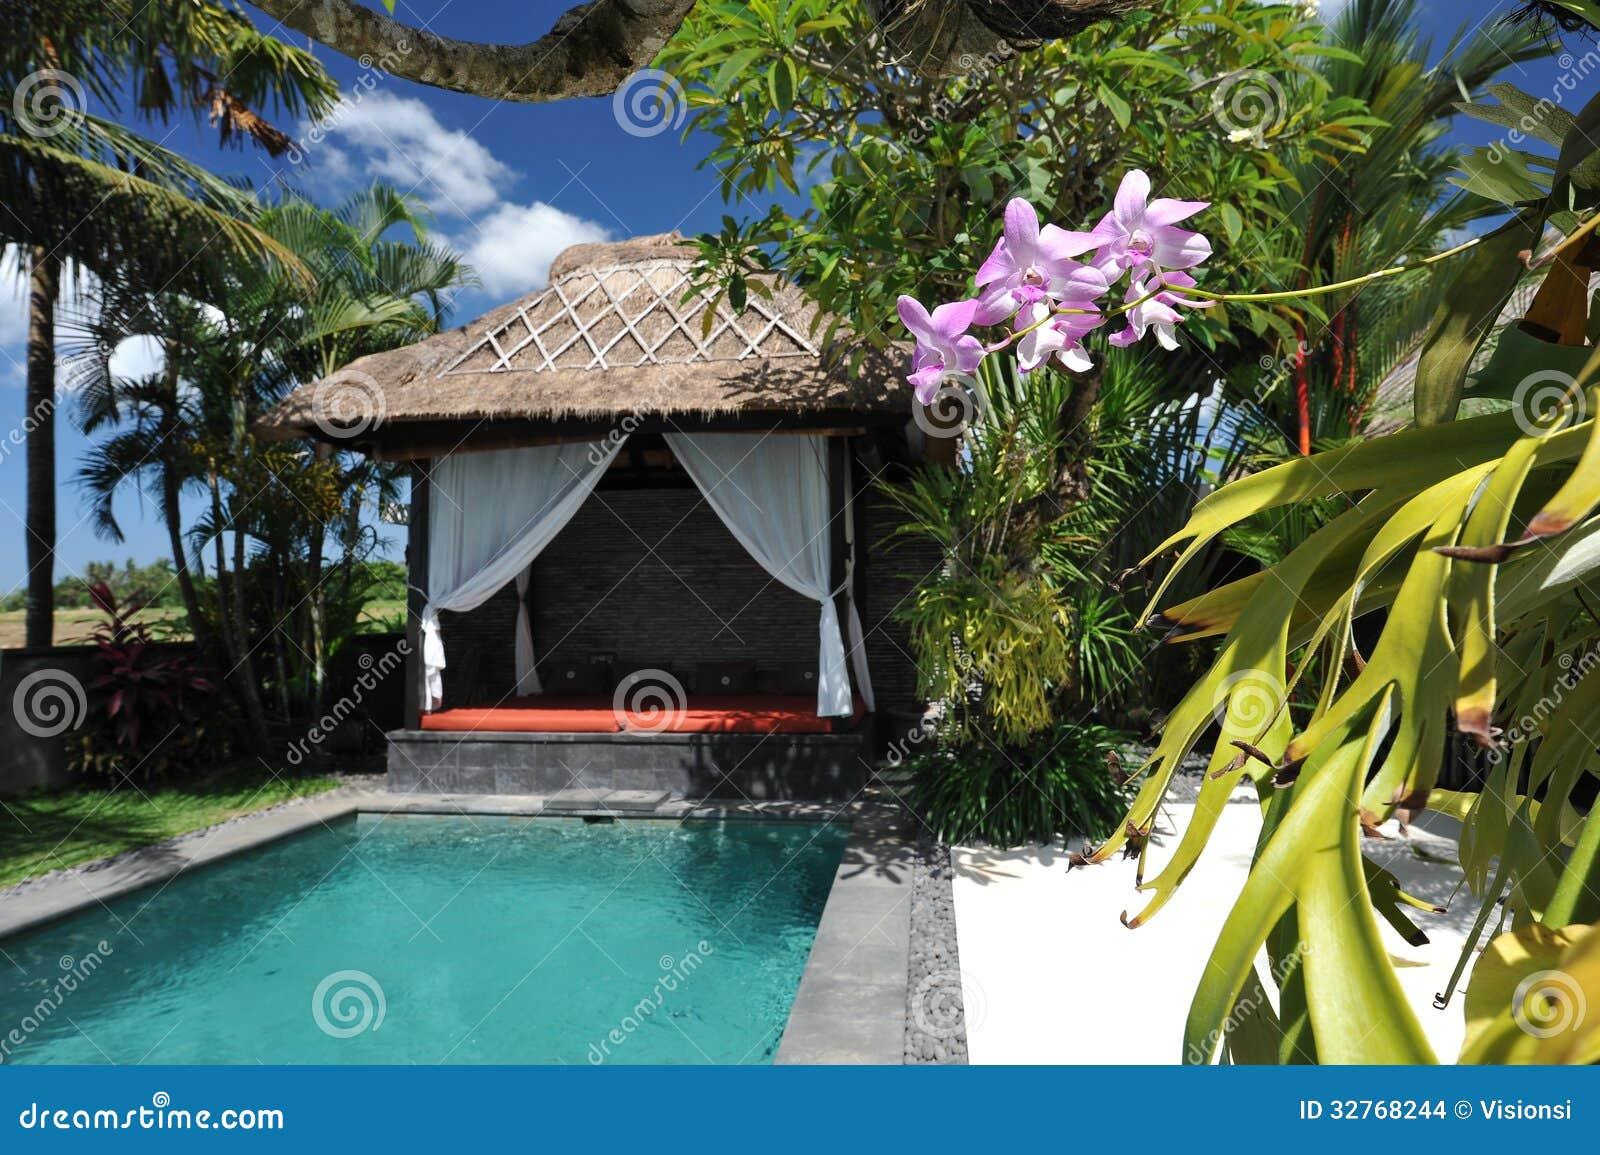 Casa de campo tropical moderna com piscina imagens de - Piscina casa de campo ...